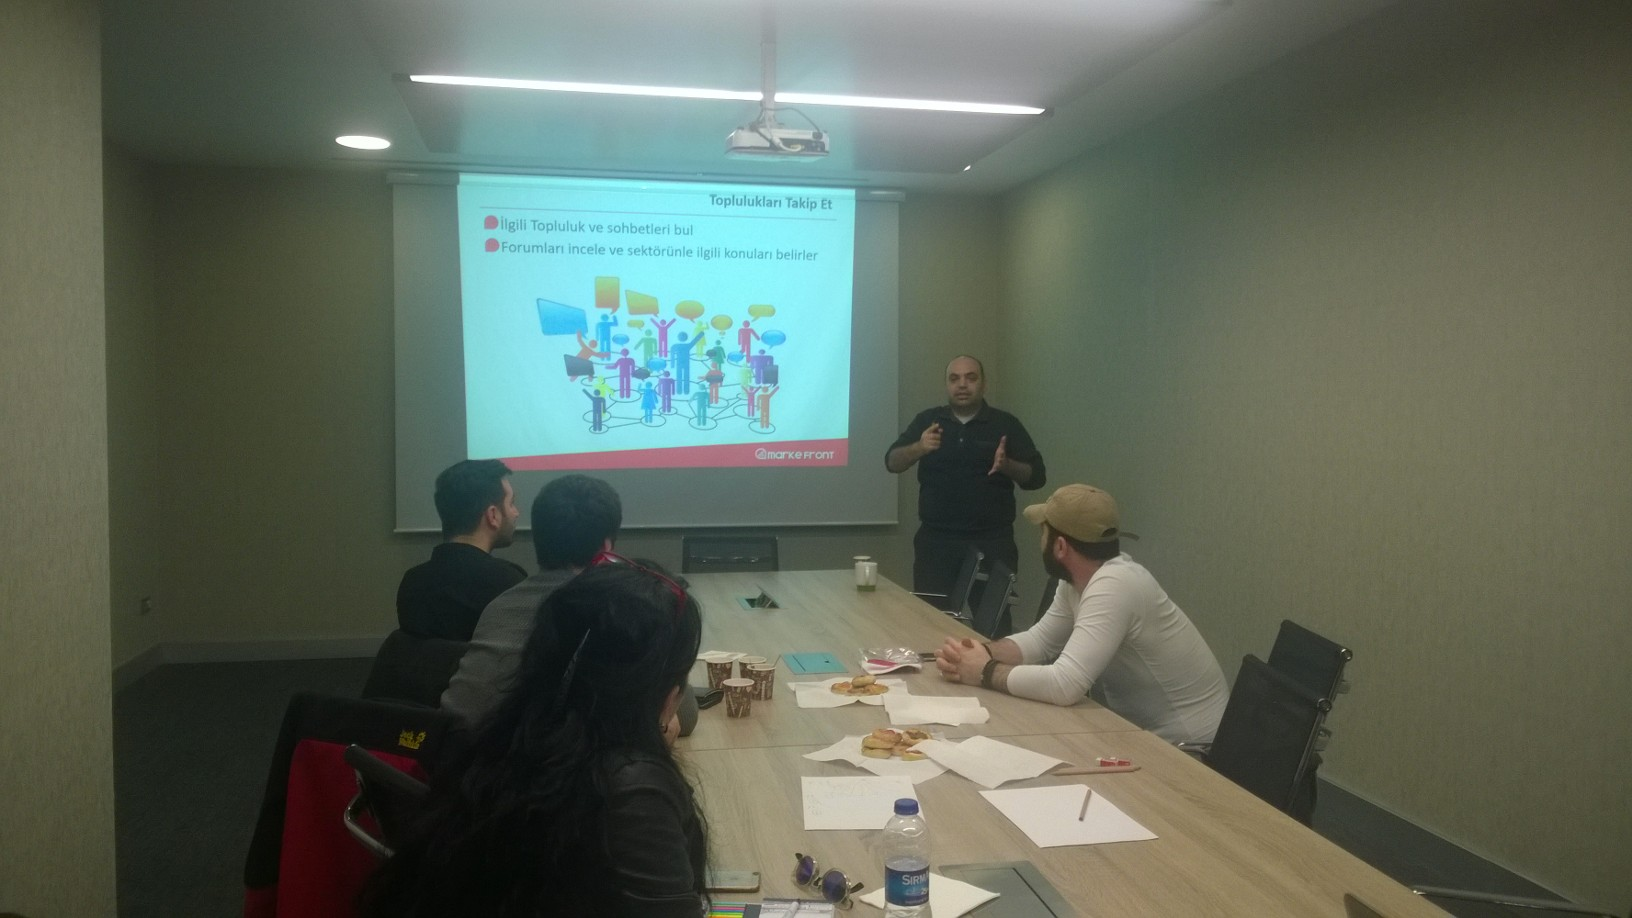 MarkeFront – Sosyal Medya Yönetim Strateji Eğitimi 30 Mart'ta Gerçekleşti